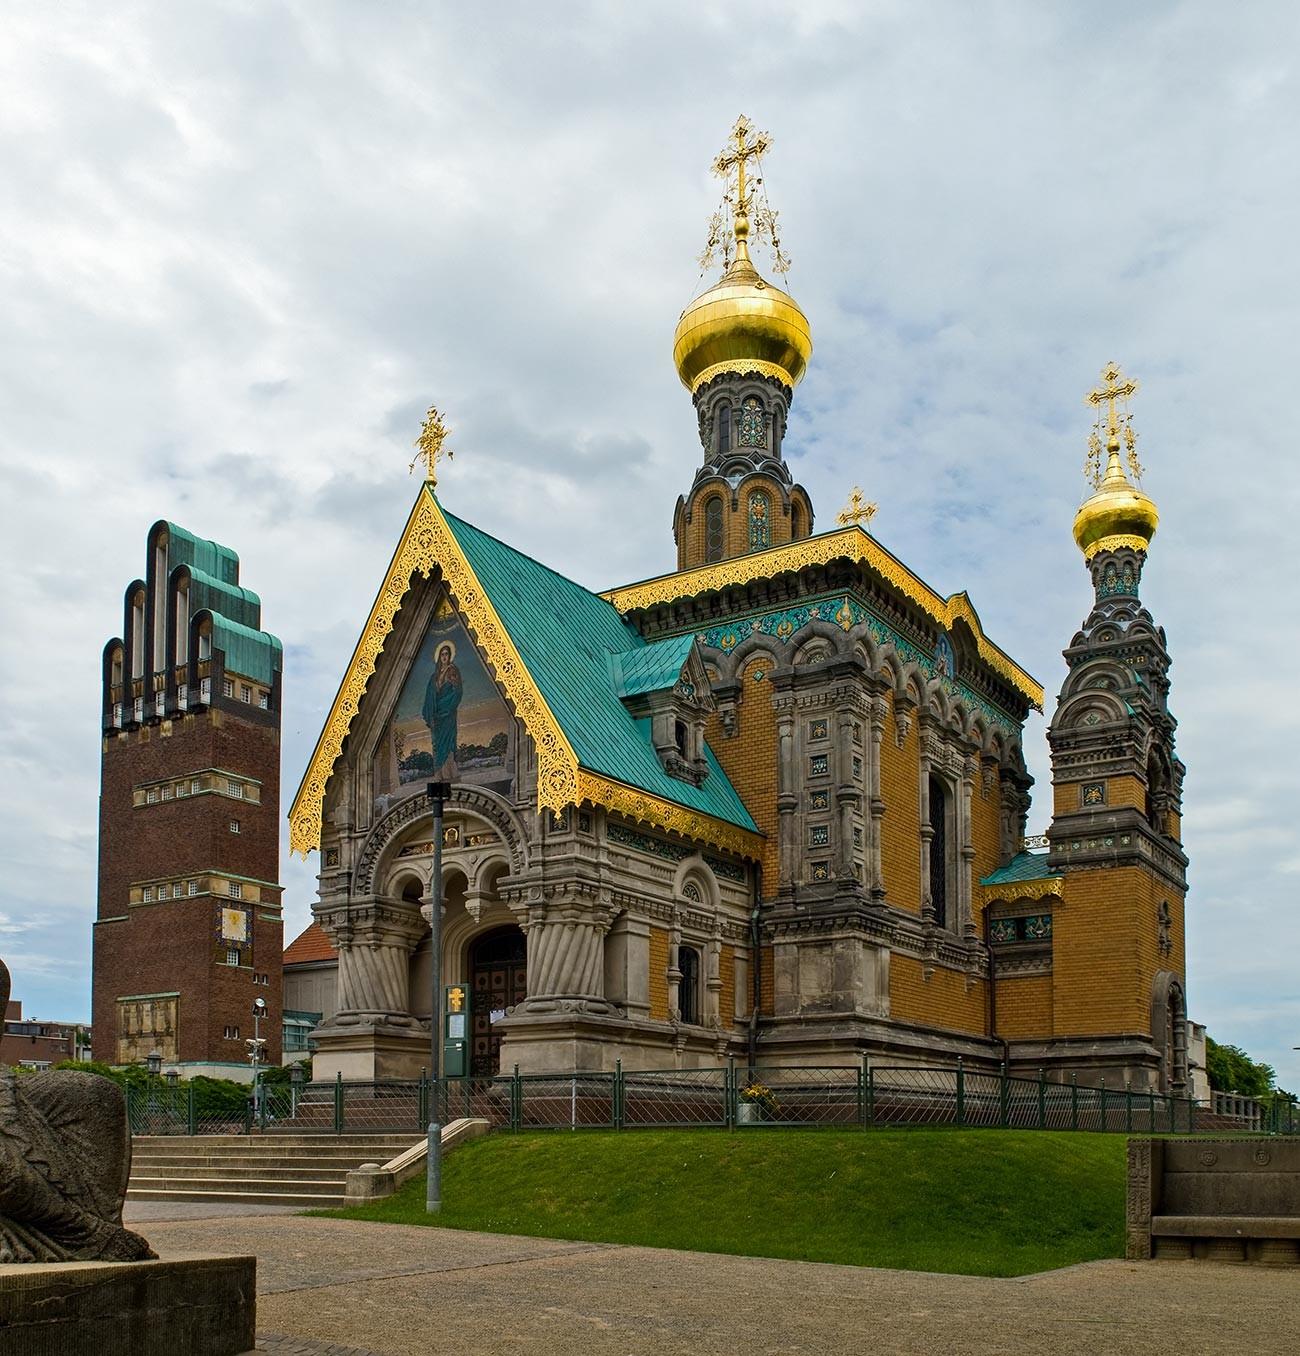 Russische Kapelle in Darmstadt.